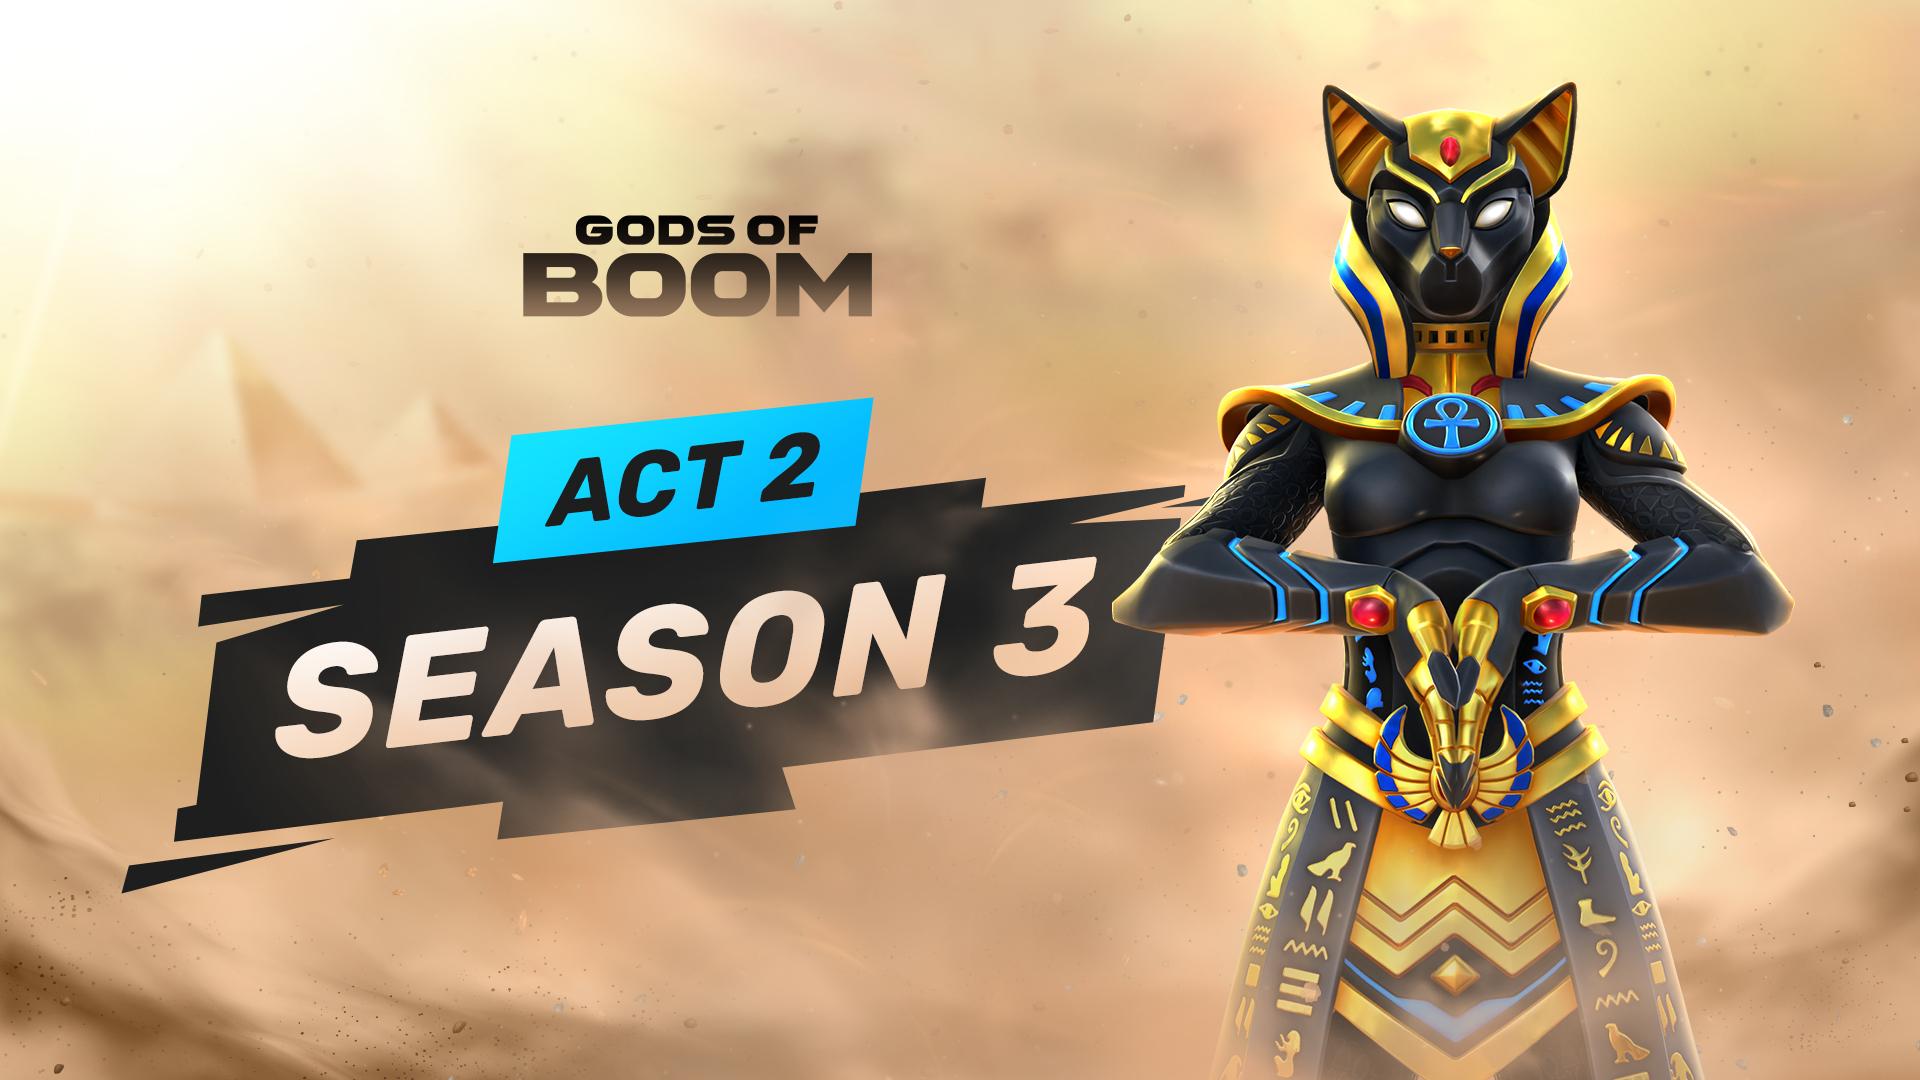 6050de46129e7_act2-season3-videodesign_thumbnail_1920x1080_EN (1)